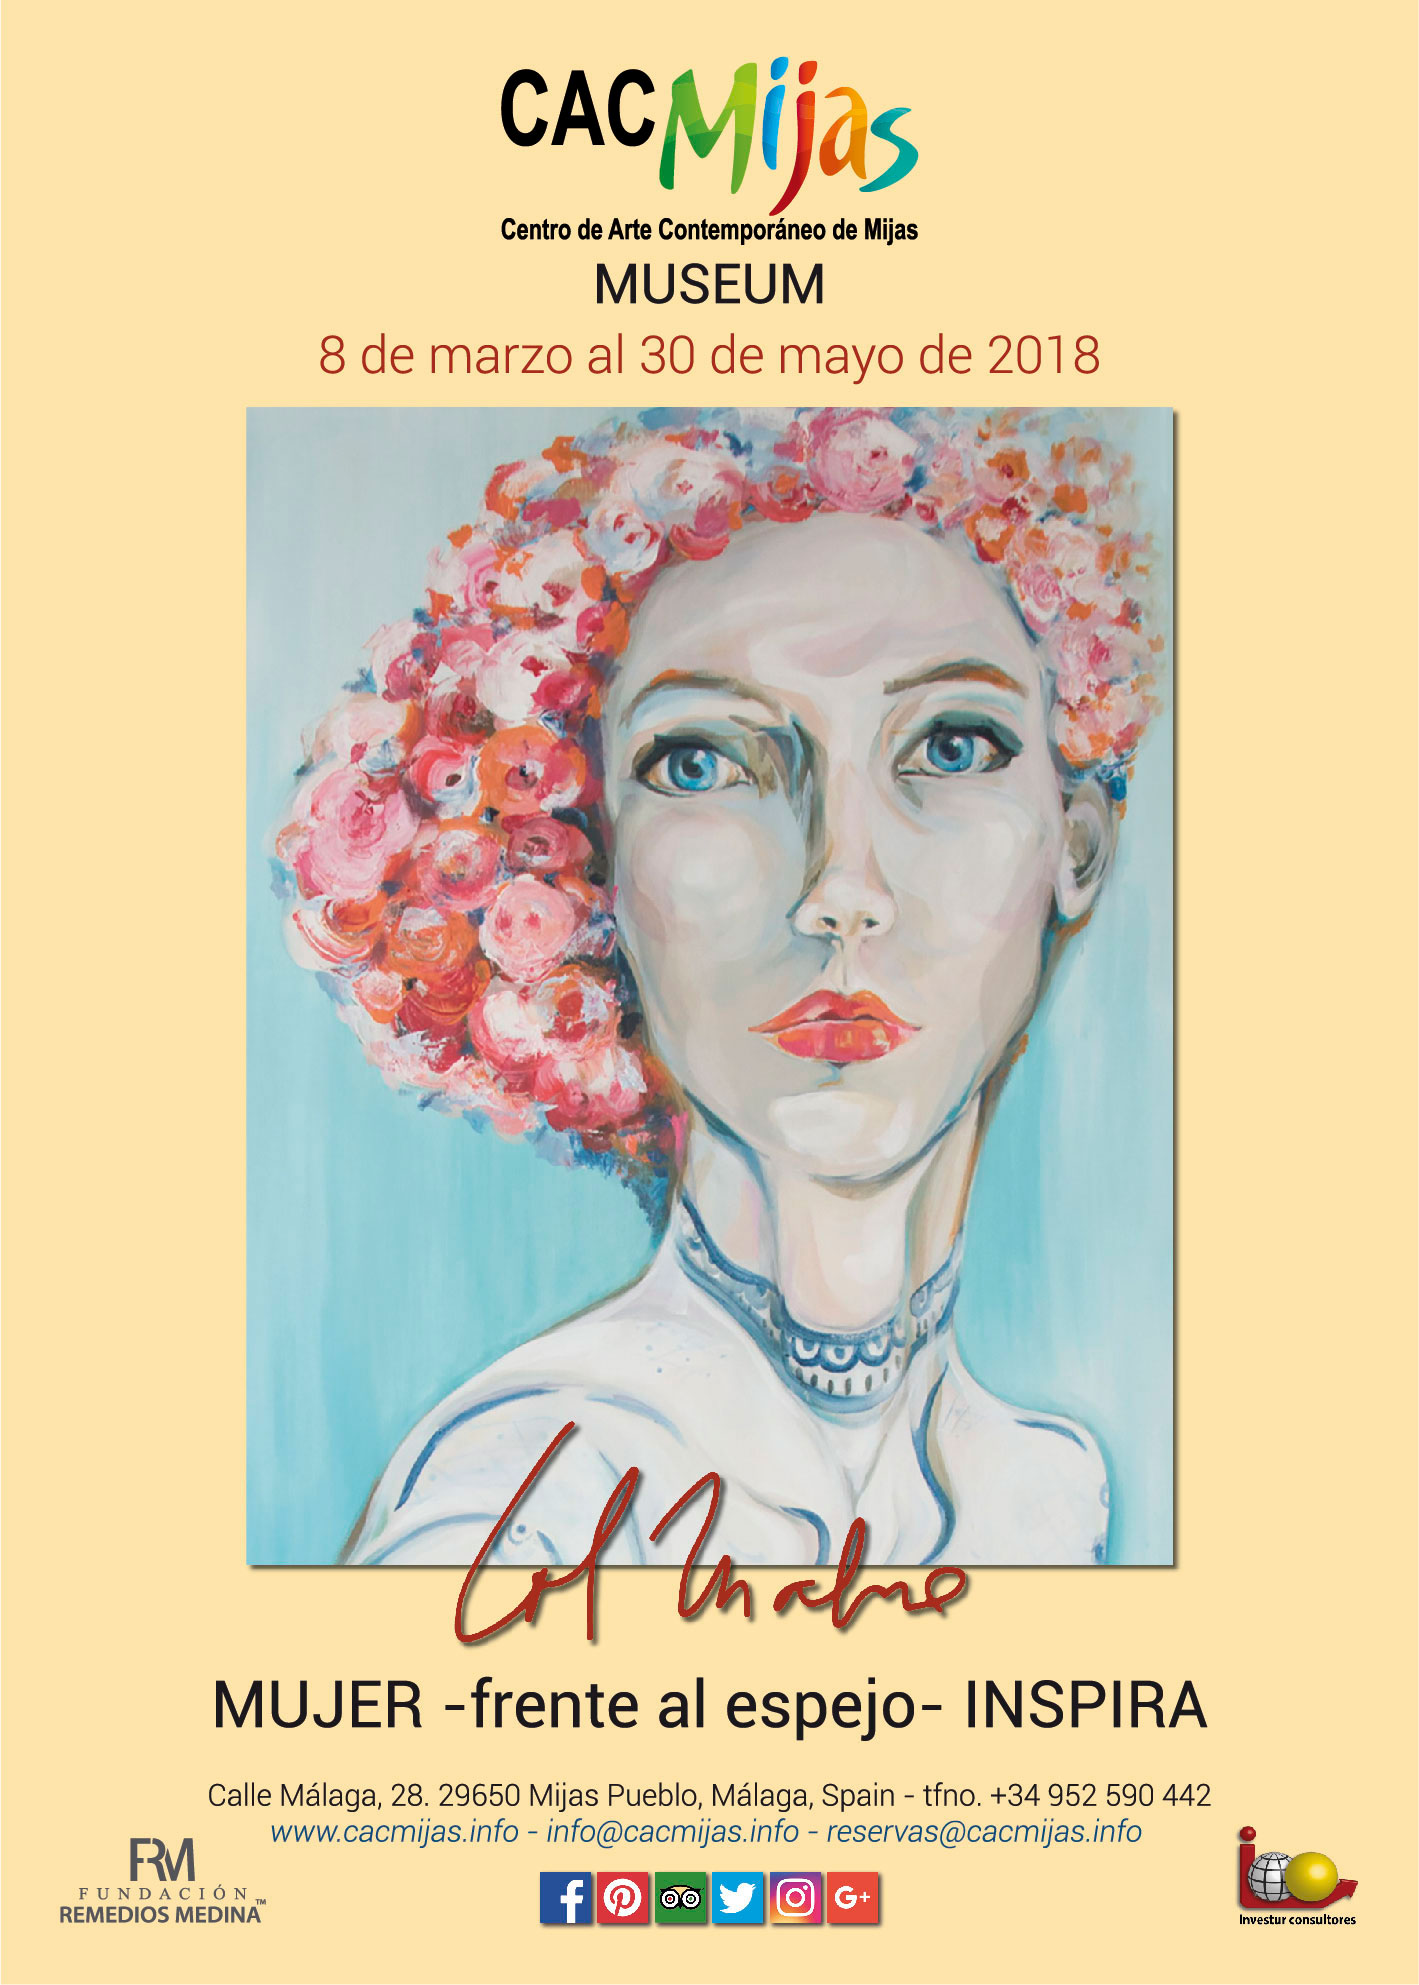 LORENA MALONE. MUJER FRENTE AL ESPEJO INSPIRA